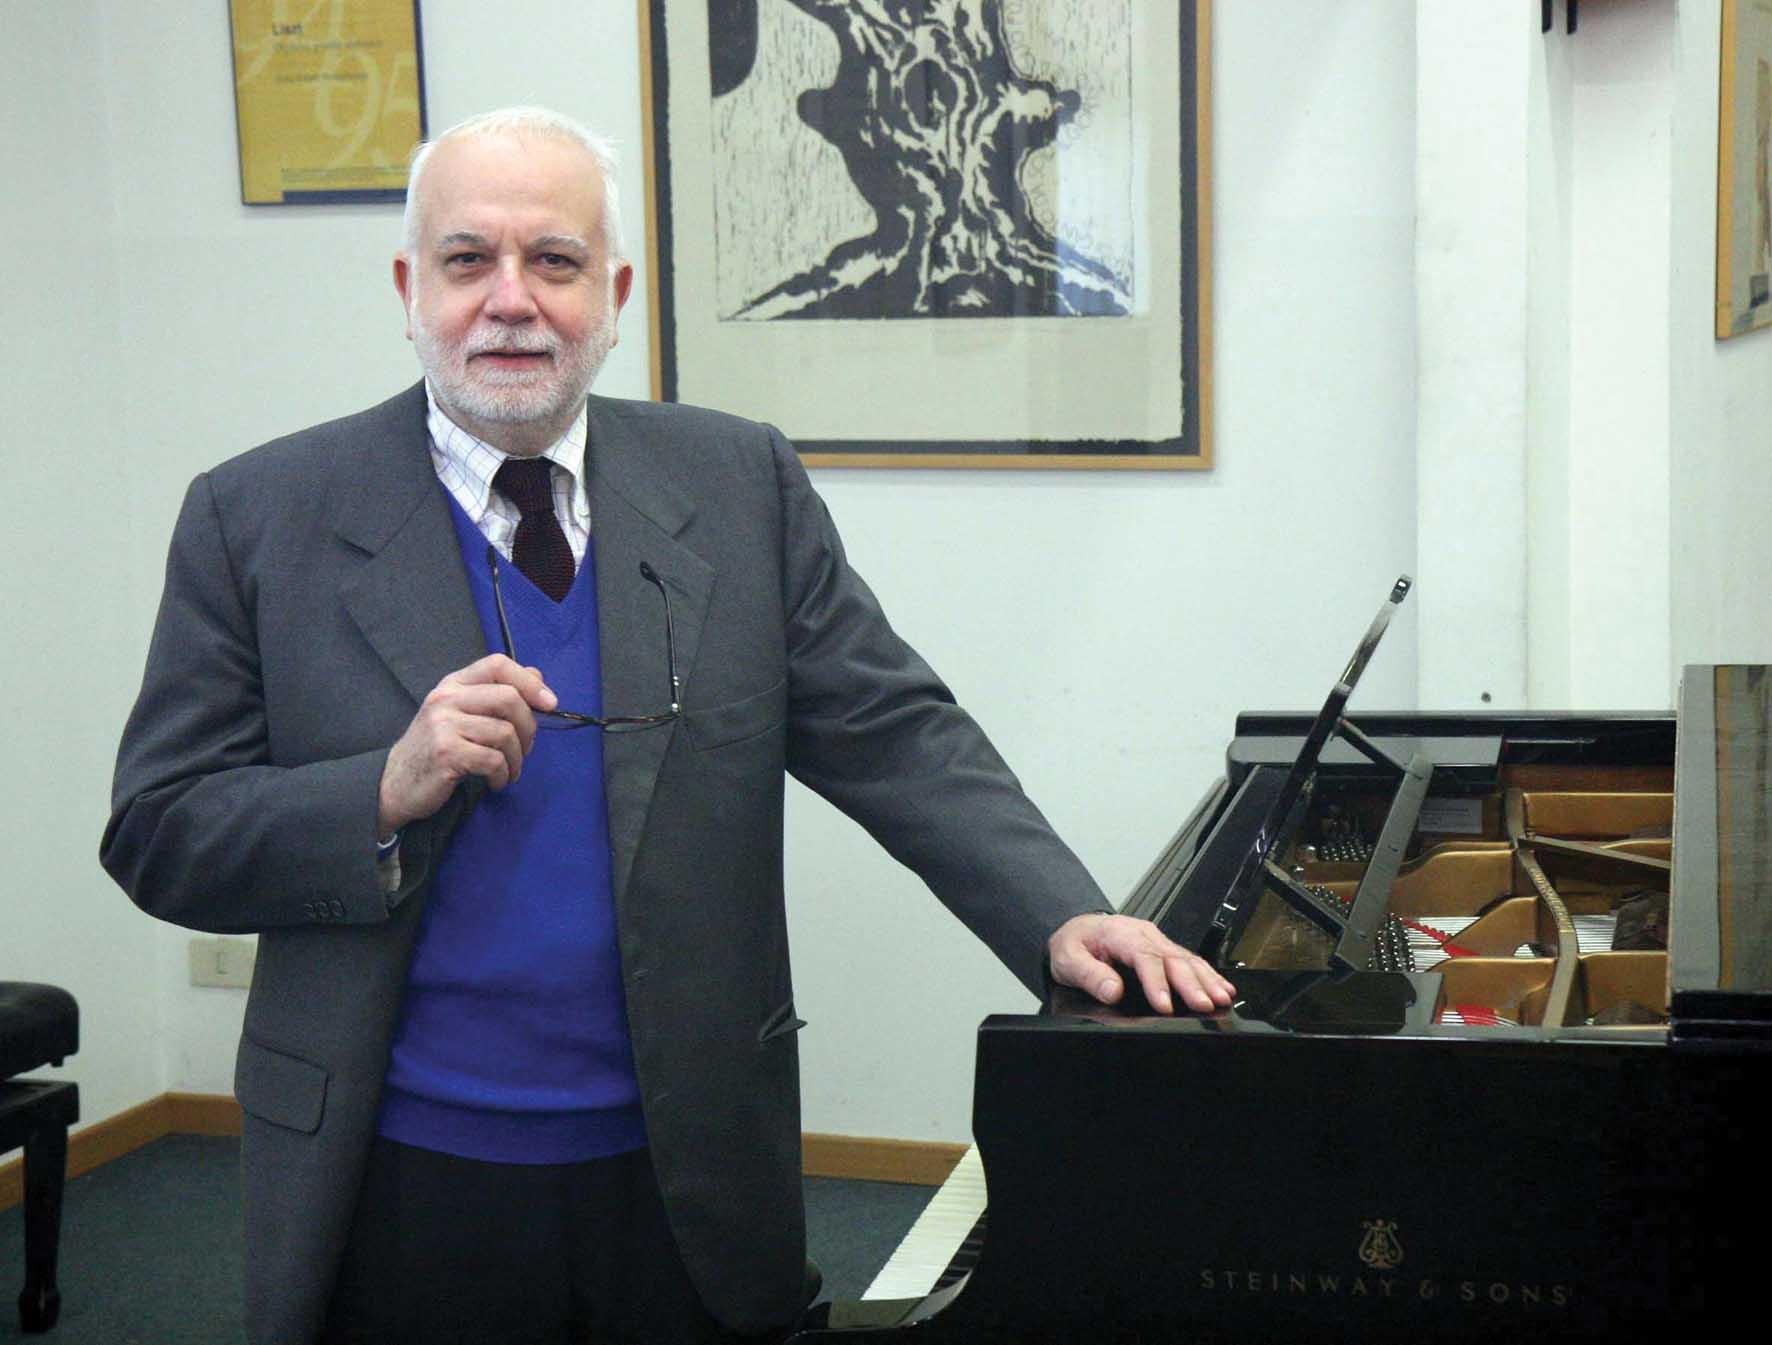 Fondazione Haydn direttore artistico daniele spini 2 1